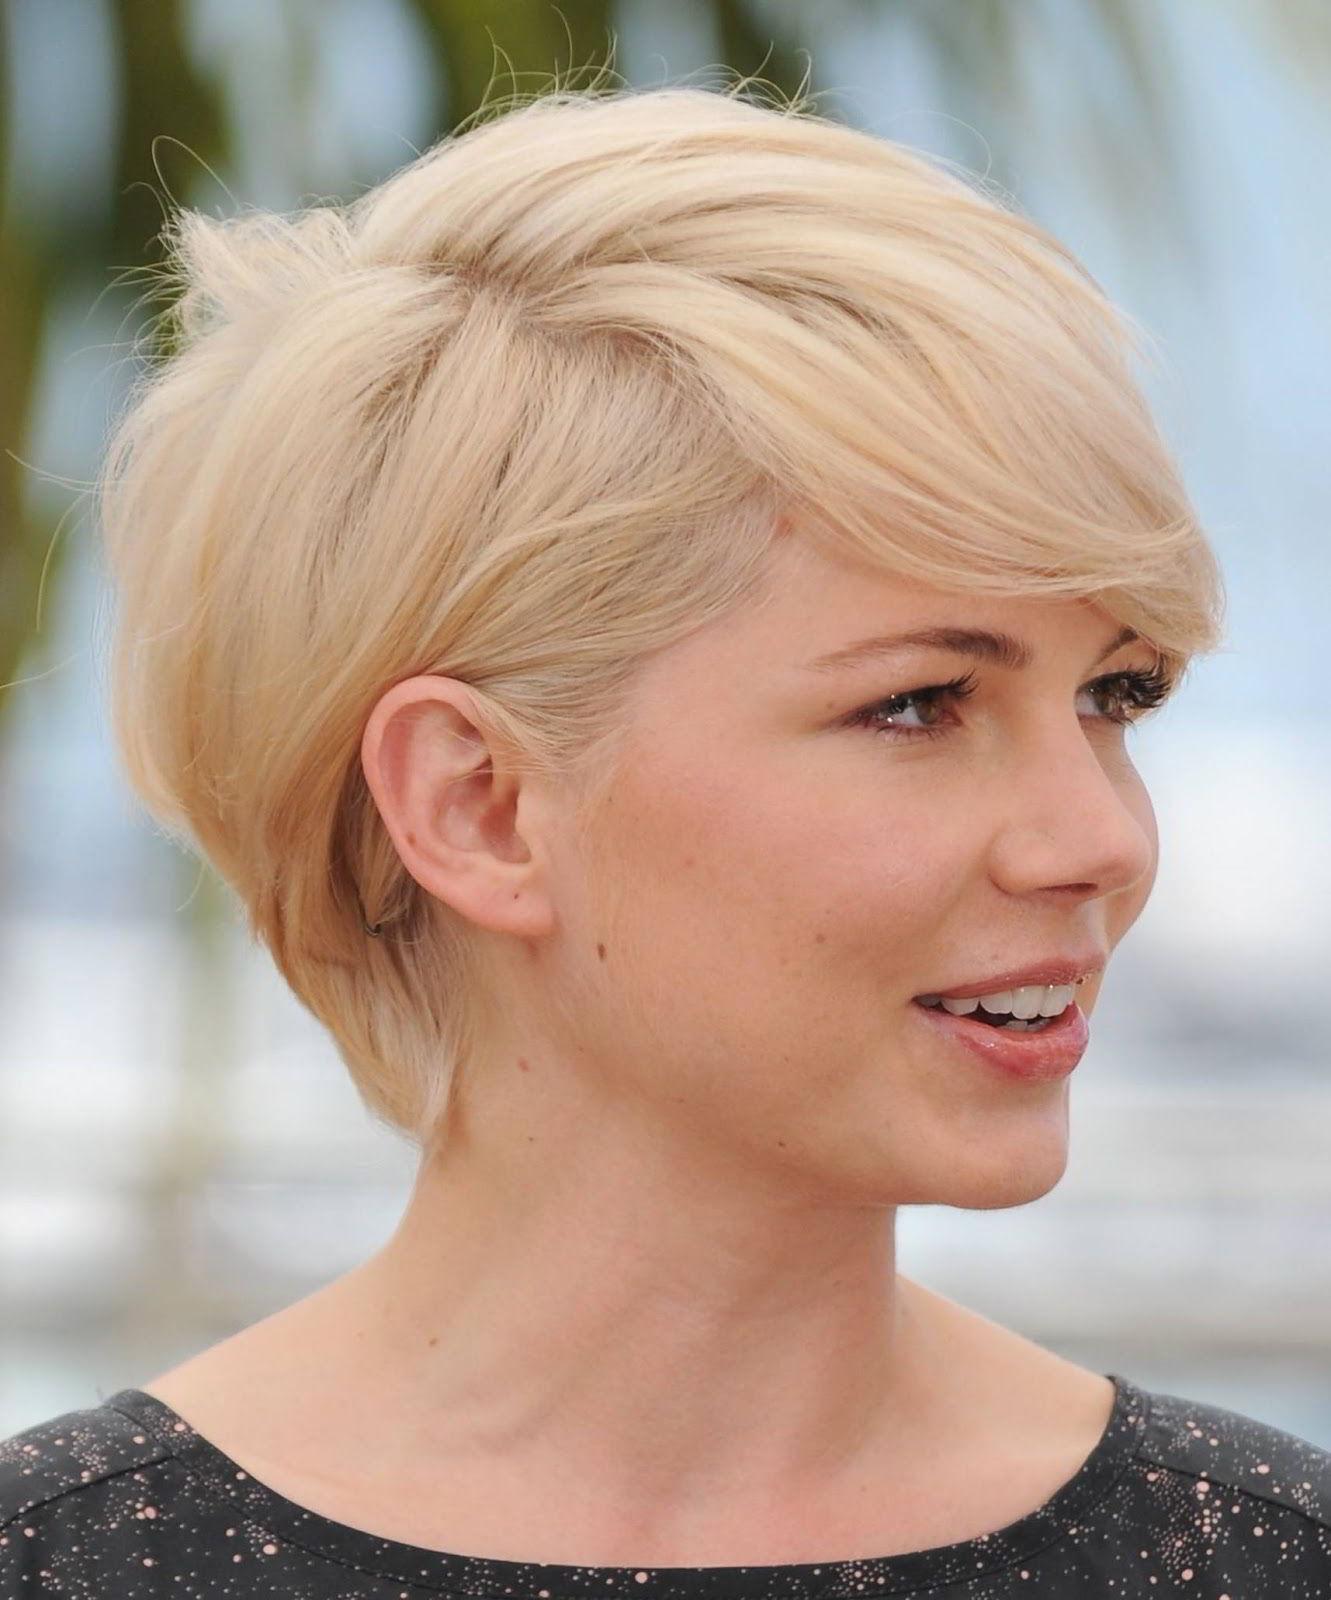 Модная прическа блондинок пикси 2020